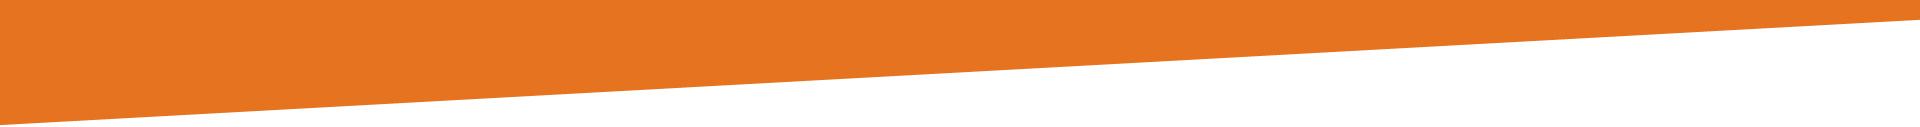 detalhe-layout-base-laranja-branco